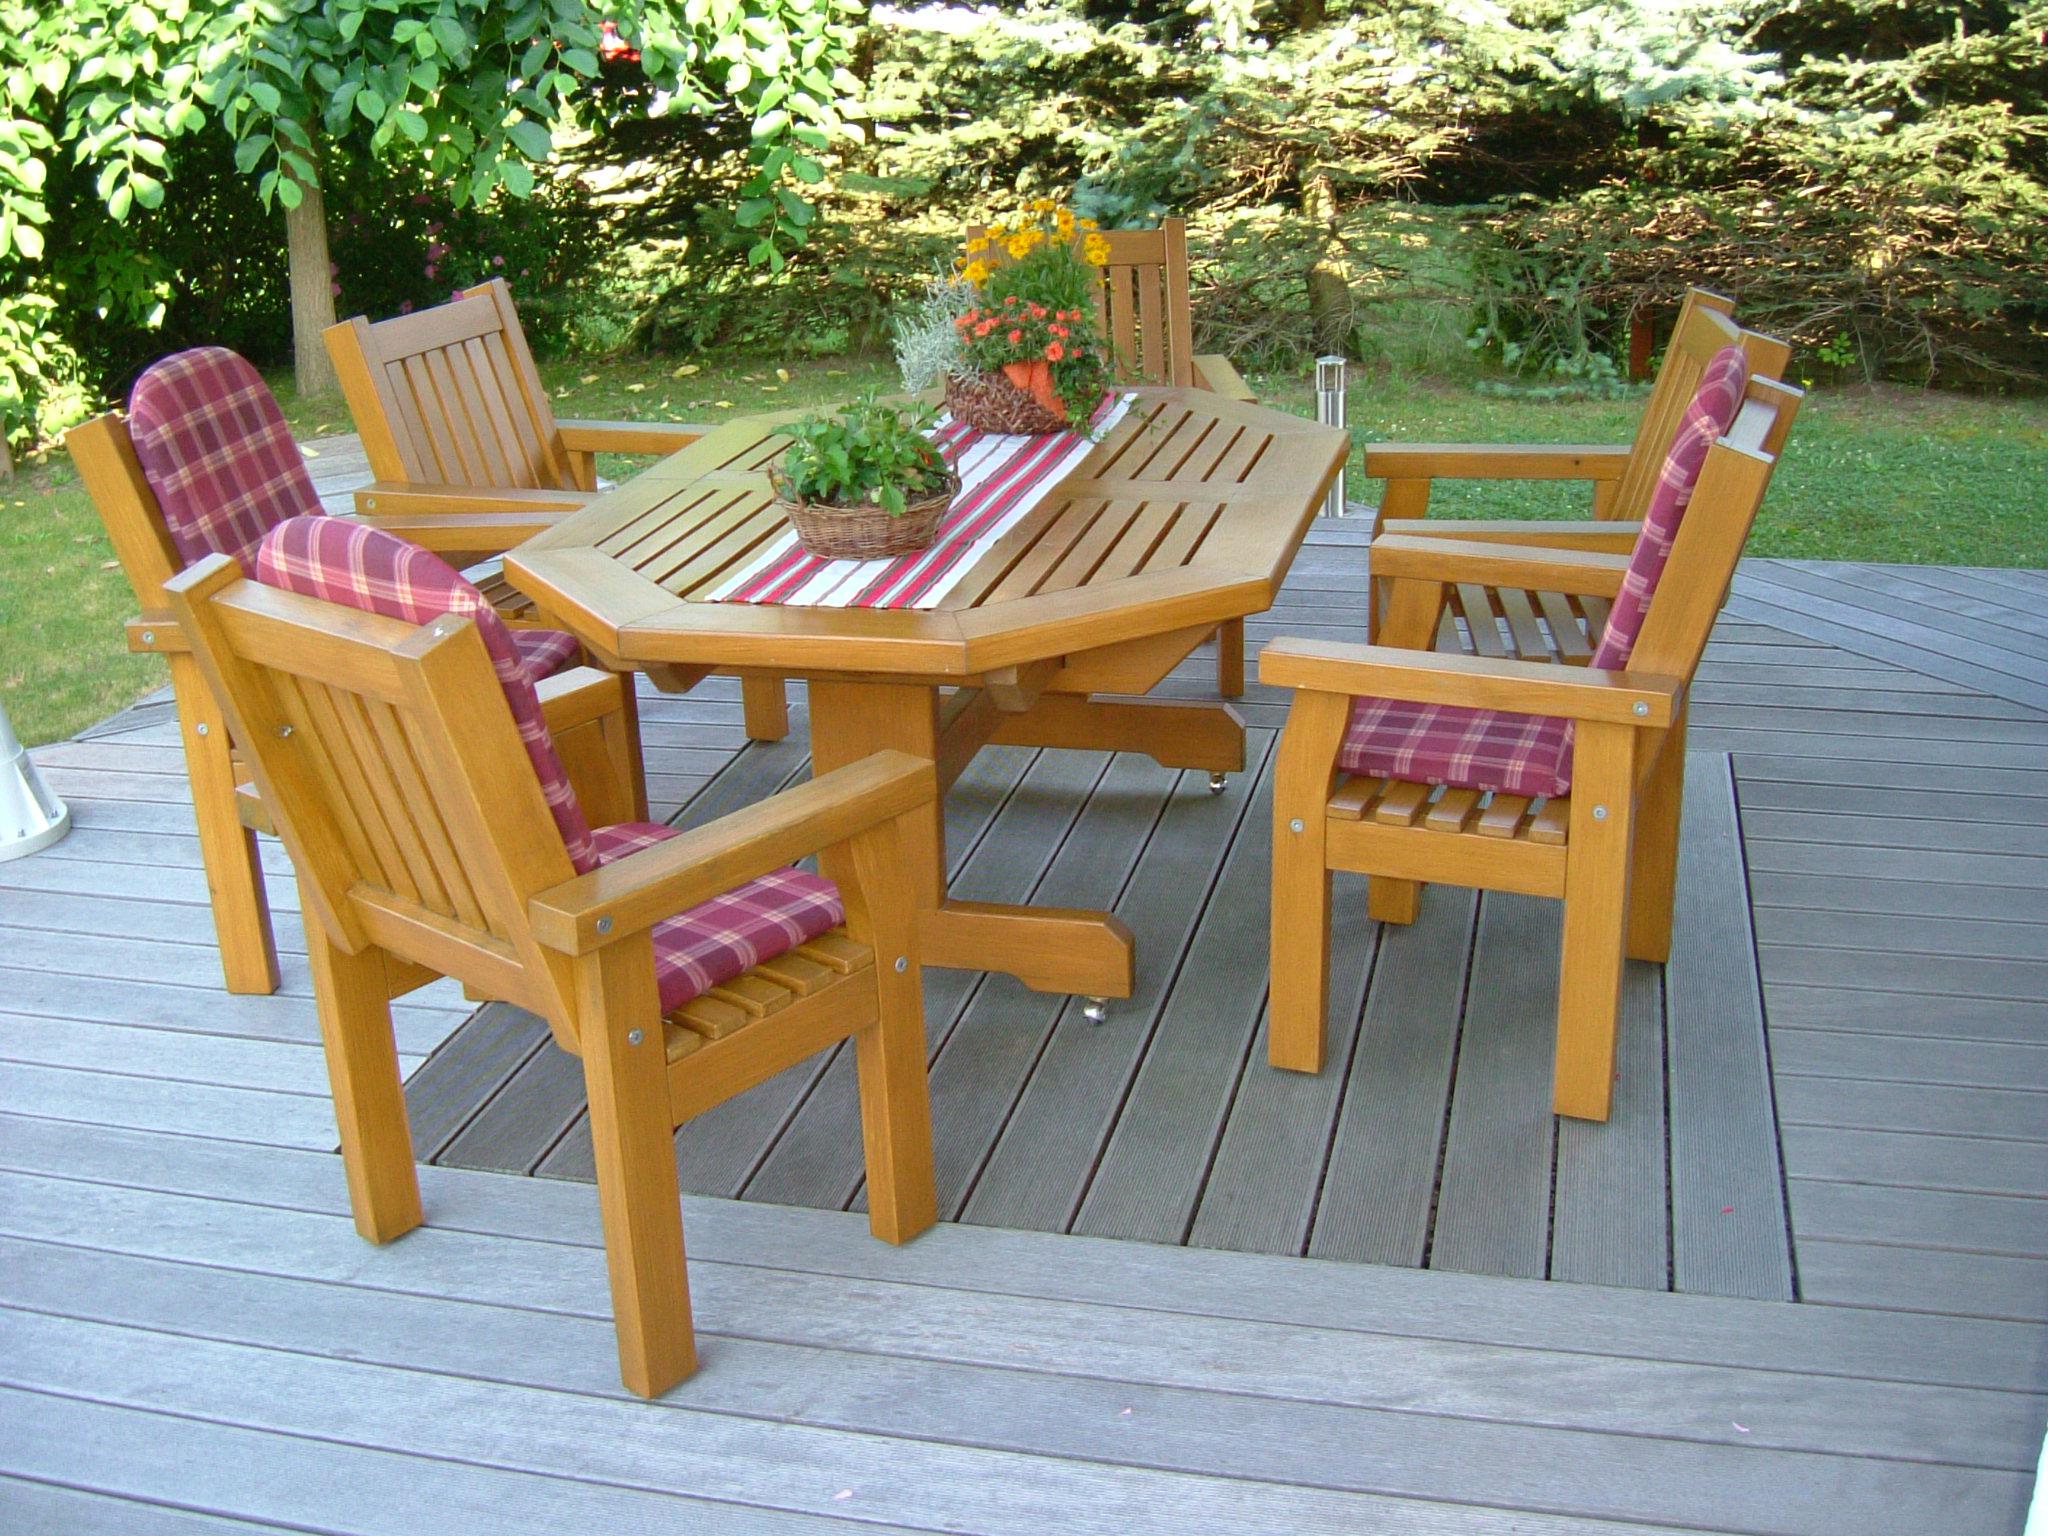 massivholz gartenm bel aus eiche die holzfabrik. Black Bedroom Furniture Sets. Home Design Ideas